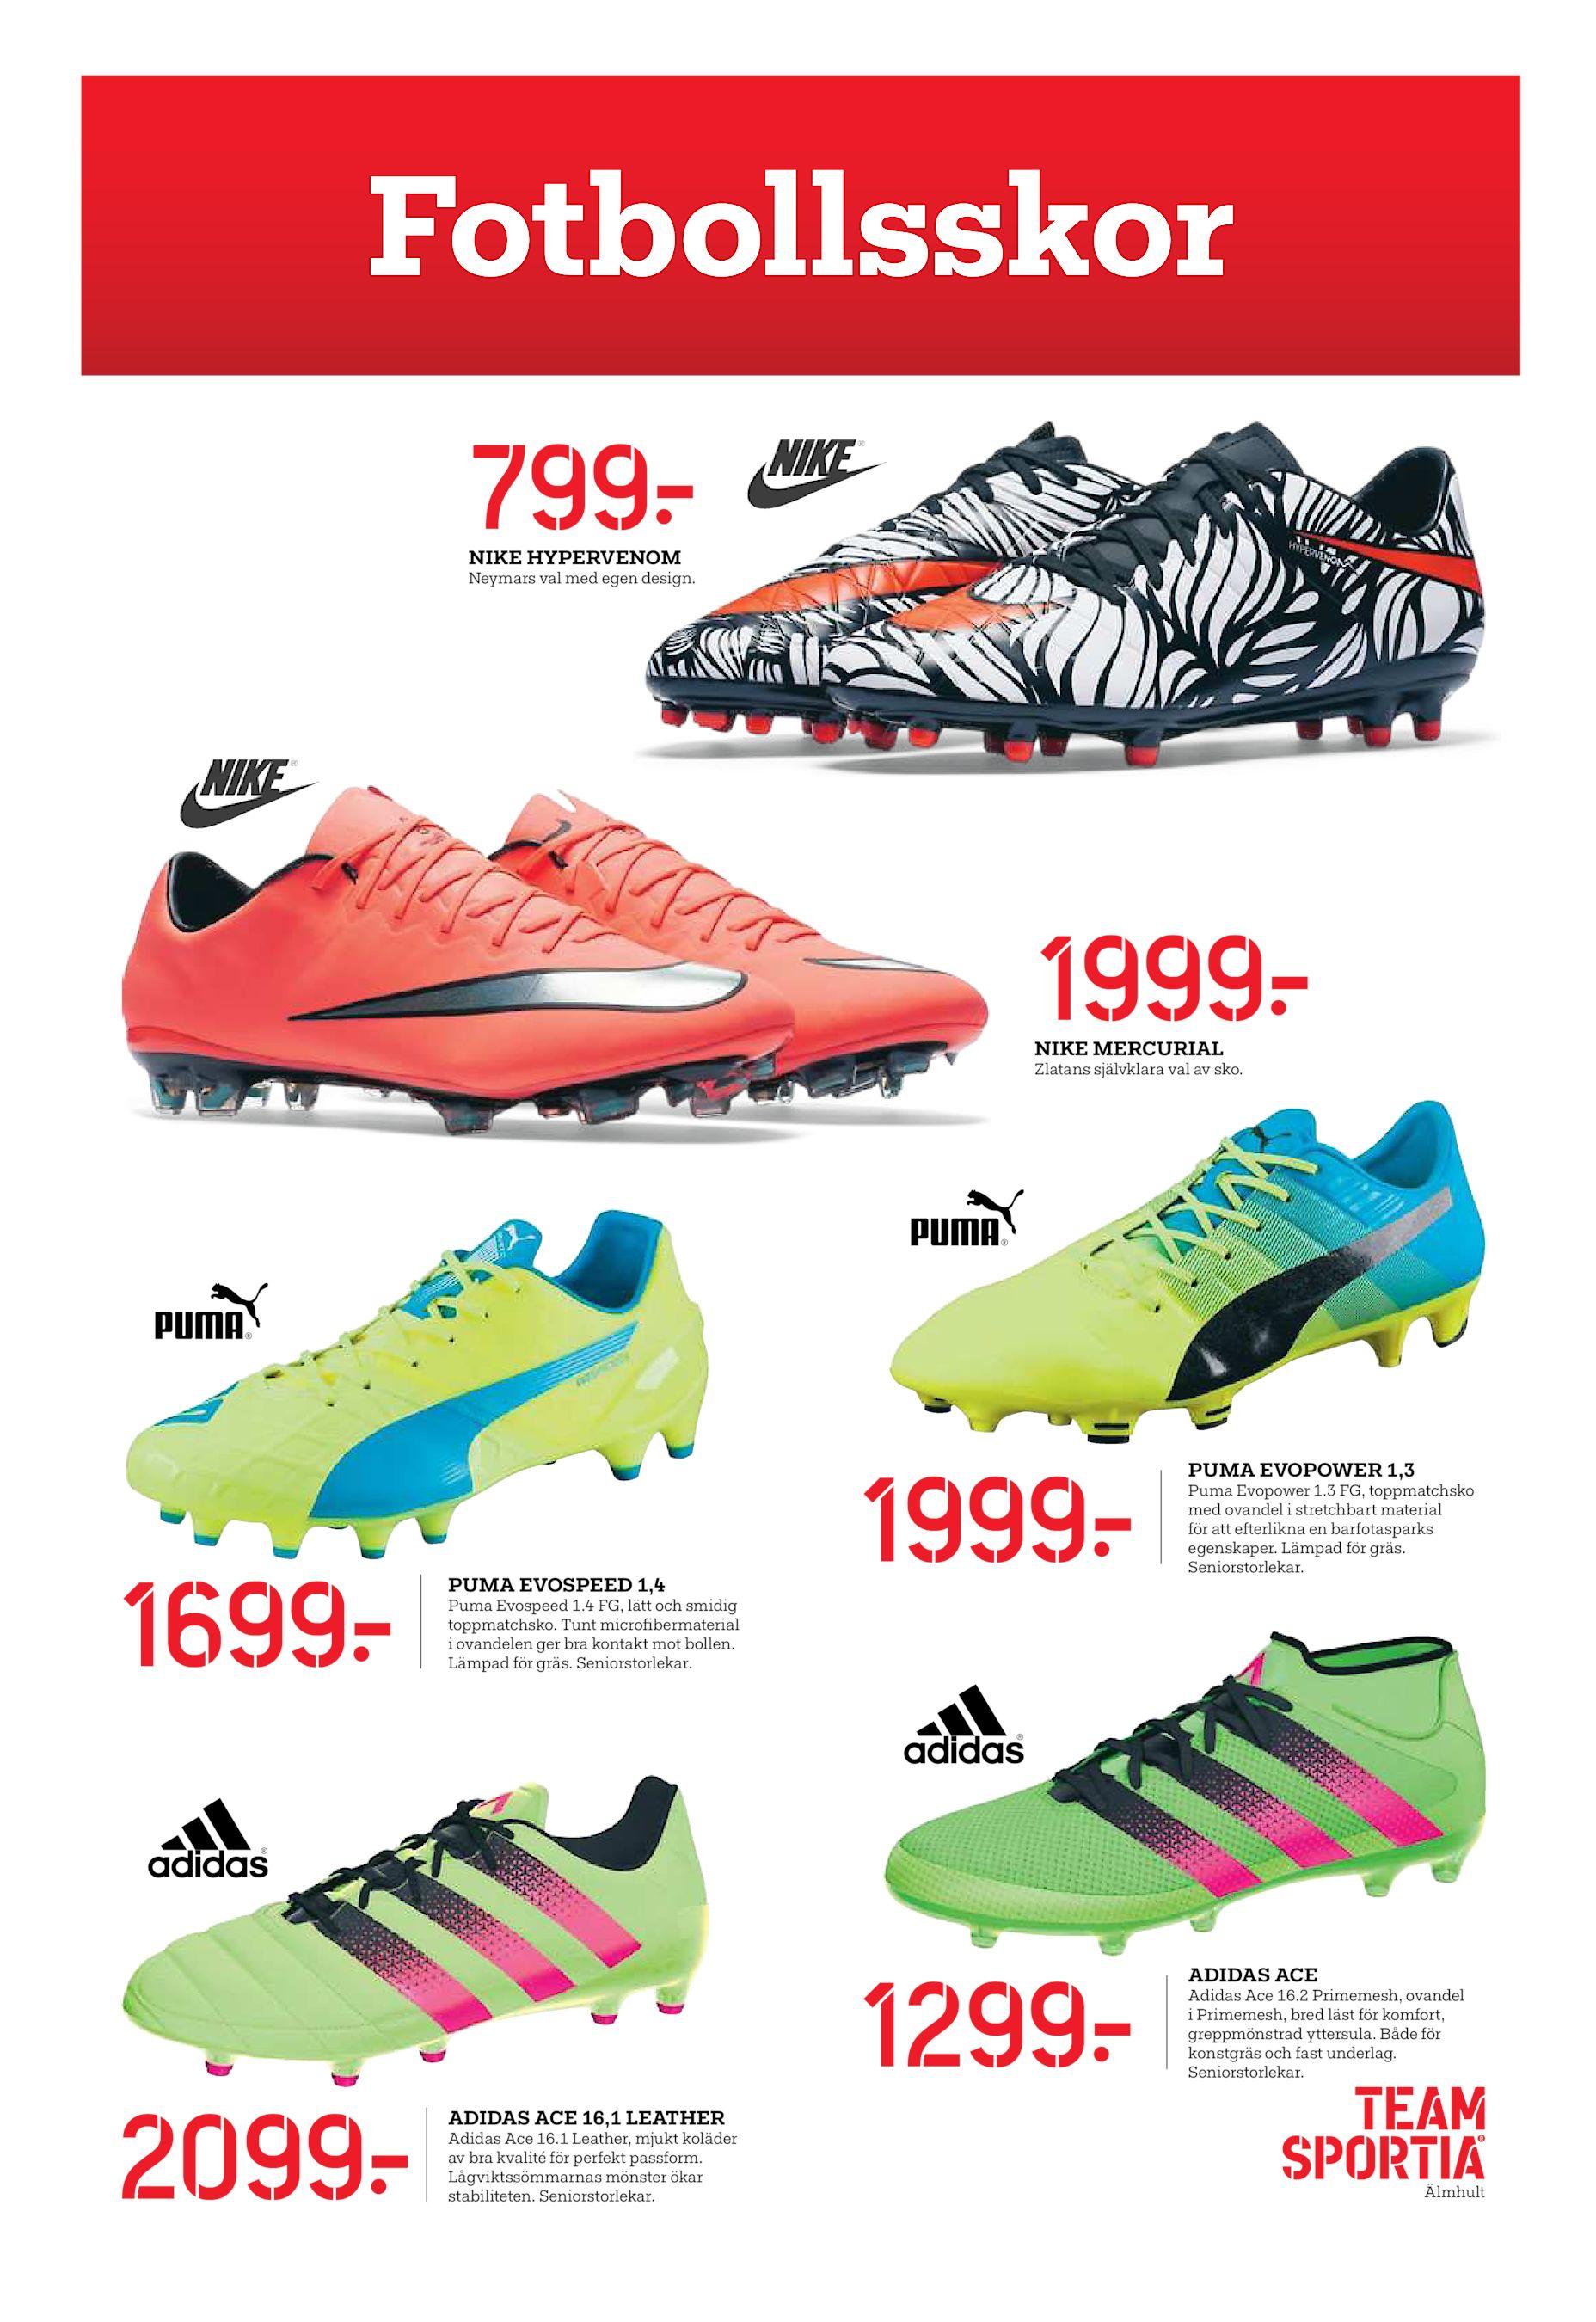 1999  NIKE MERCURIAL Zlatans självklara val av sko. 1999  1699  Puma  Evopower 1.3 FG a92fc9c506a59